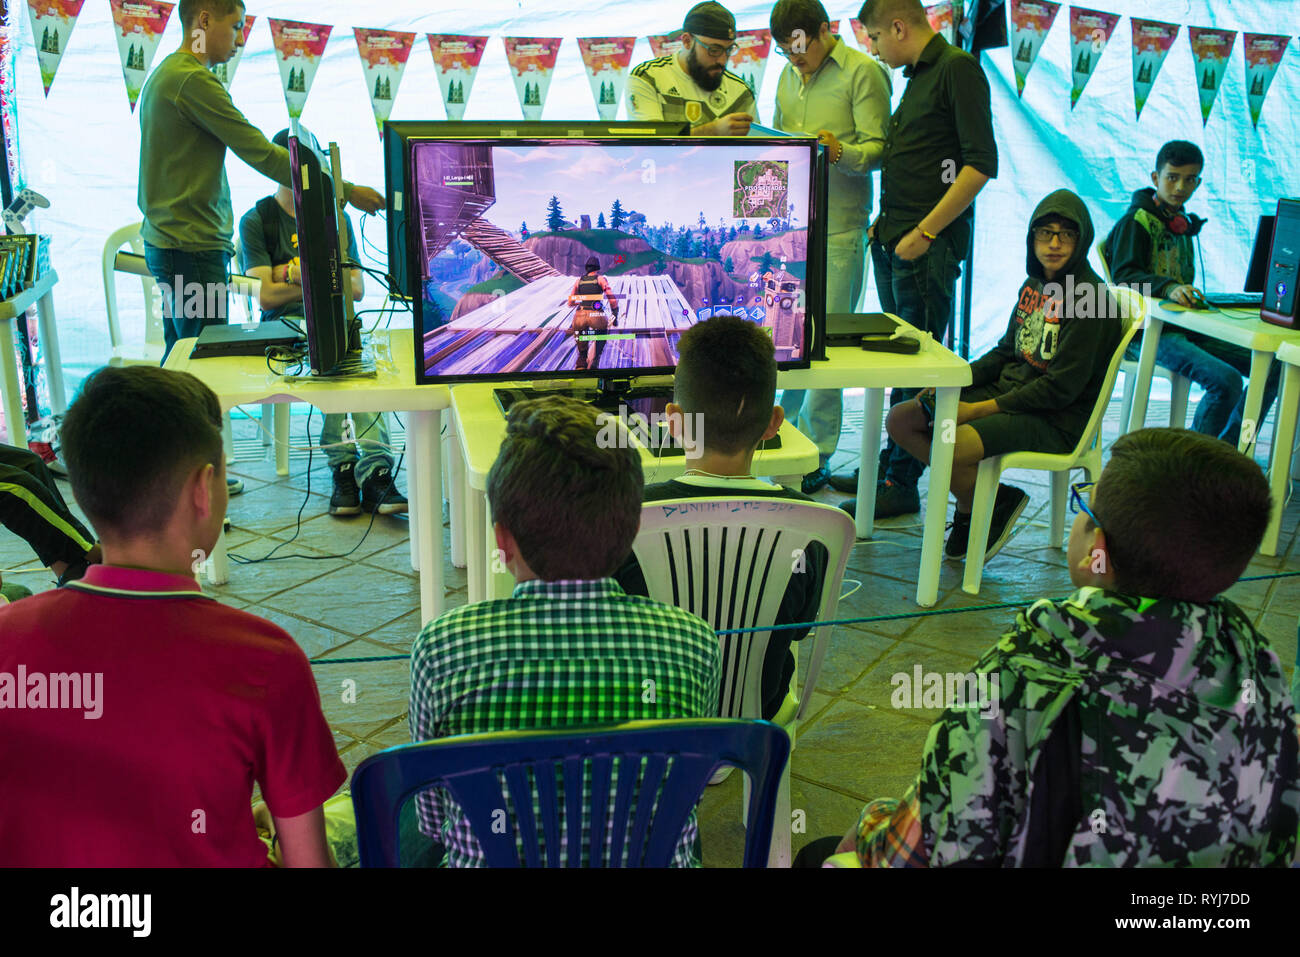 Donmatias, d'Antioquia, en Colombie: les jeux vidéos de la concurrence. Photo Stock